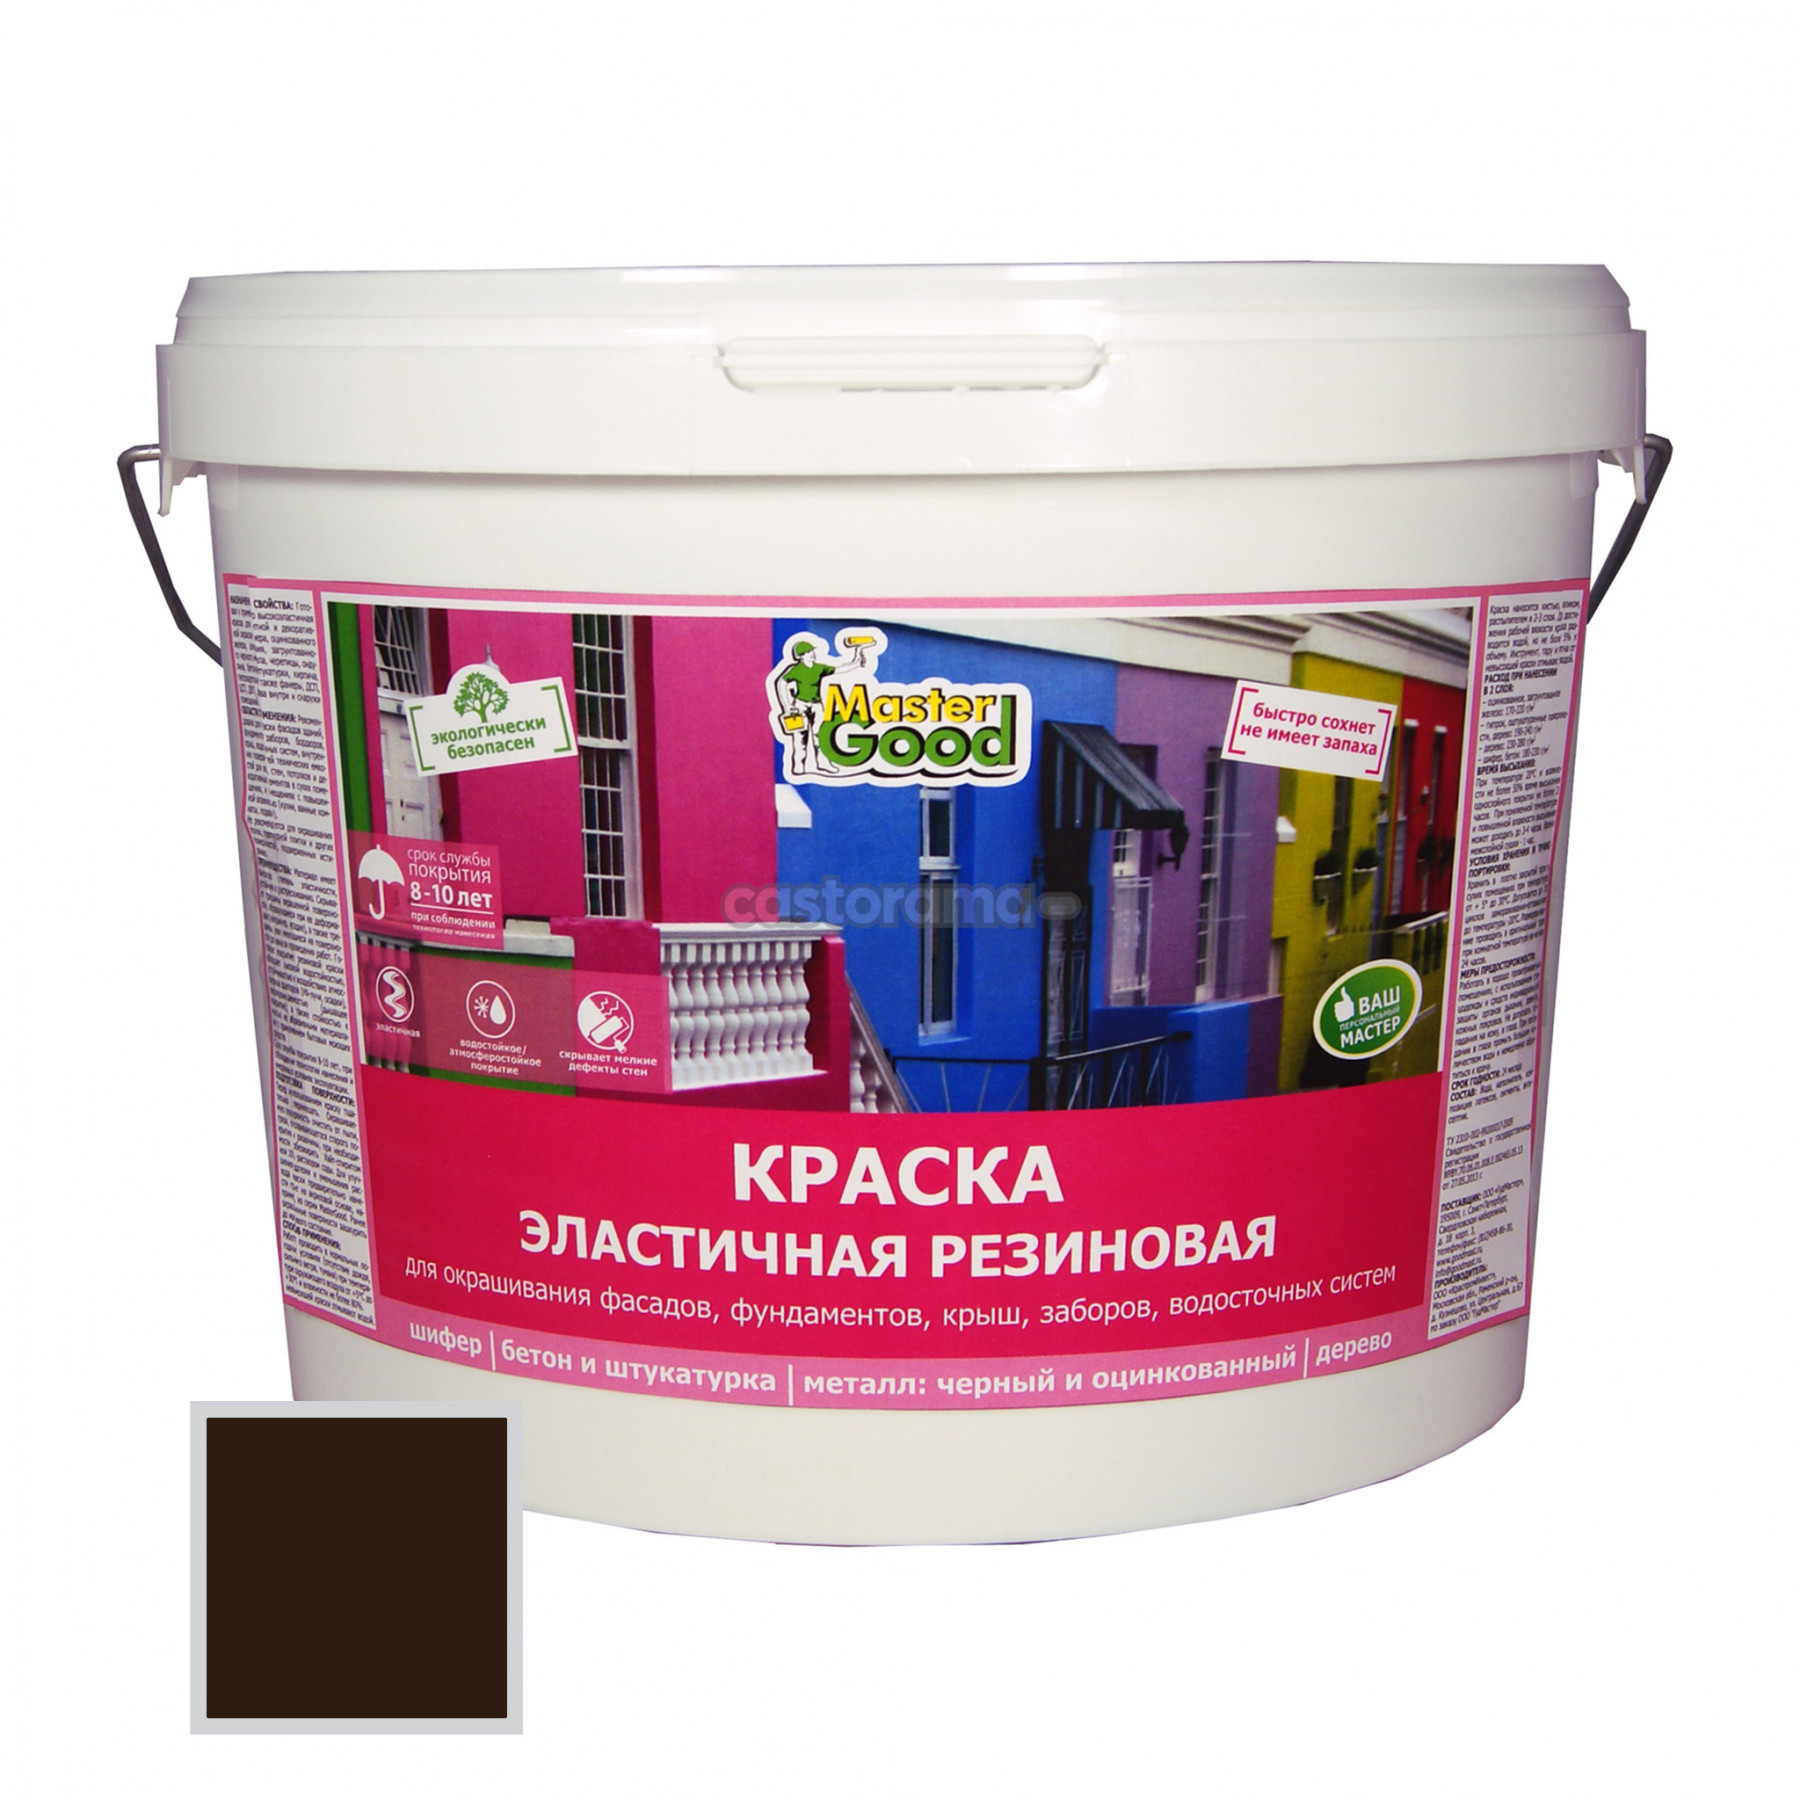 Что нельзя красить резиновой краской — строительство и отделка — полезные советы от специалистов